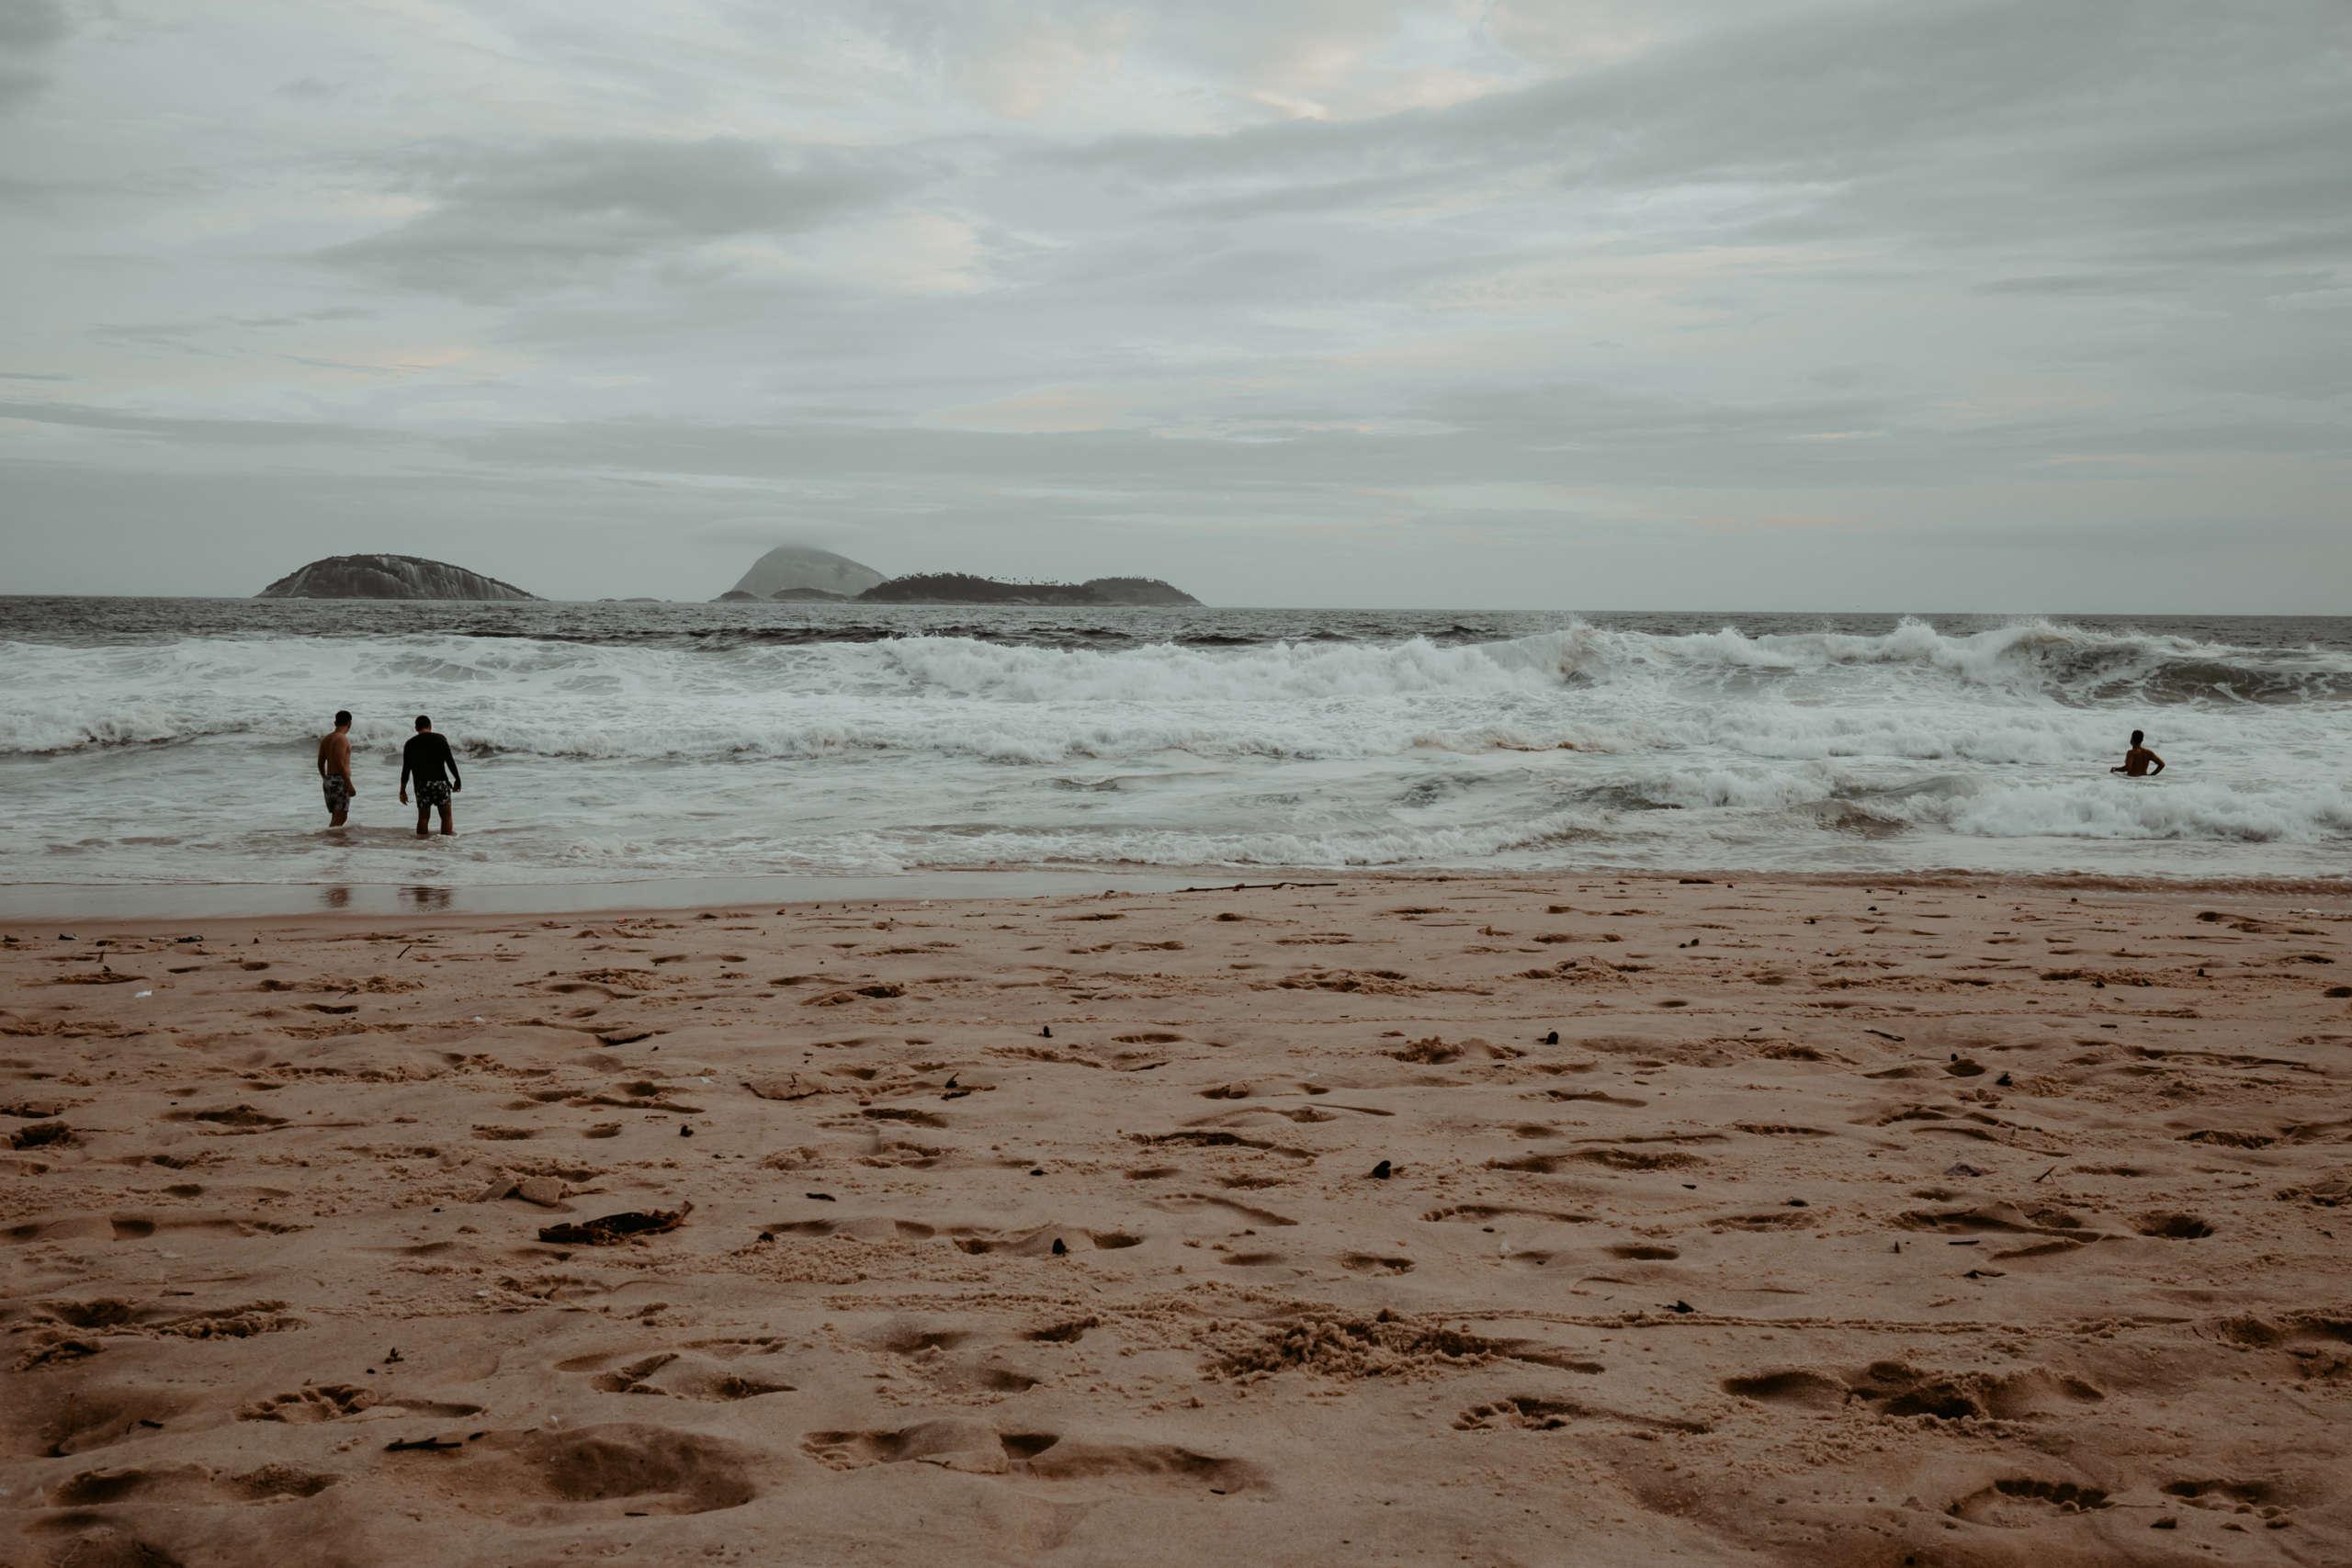 Ein Strand mit Personen im Meer.